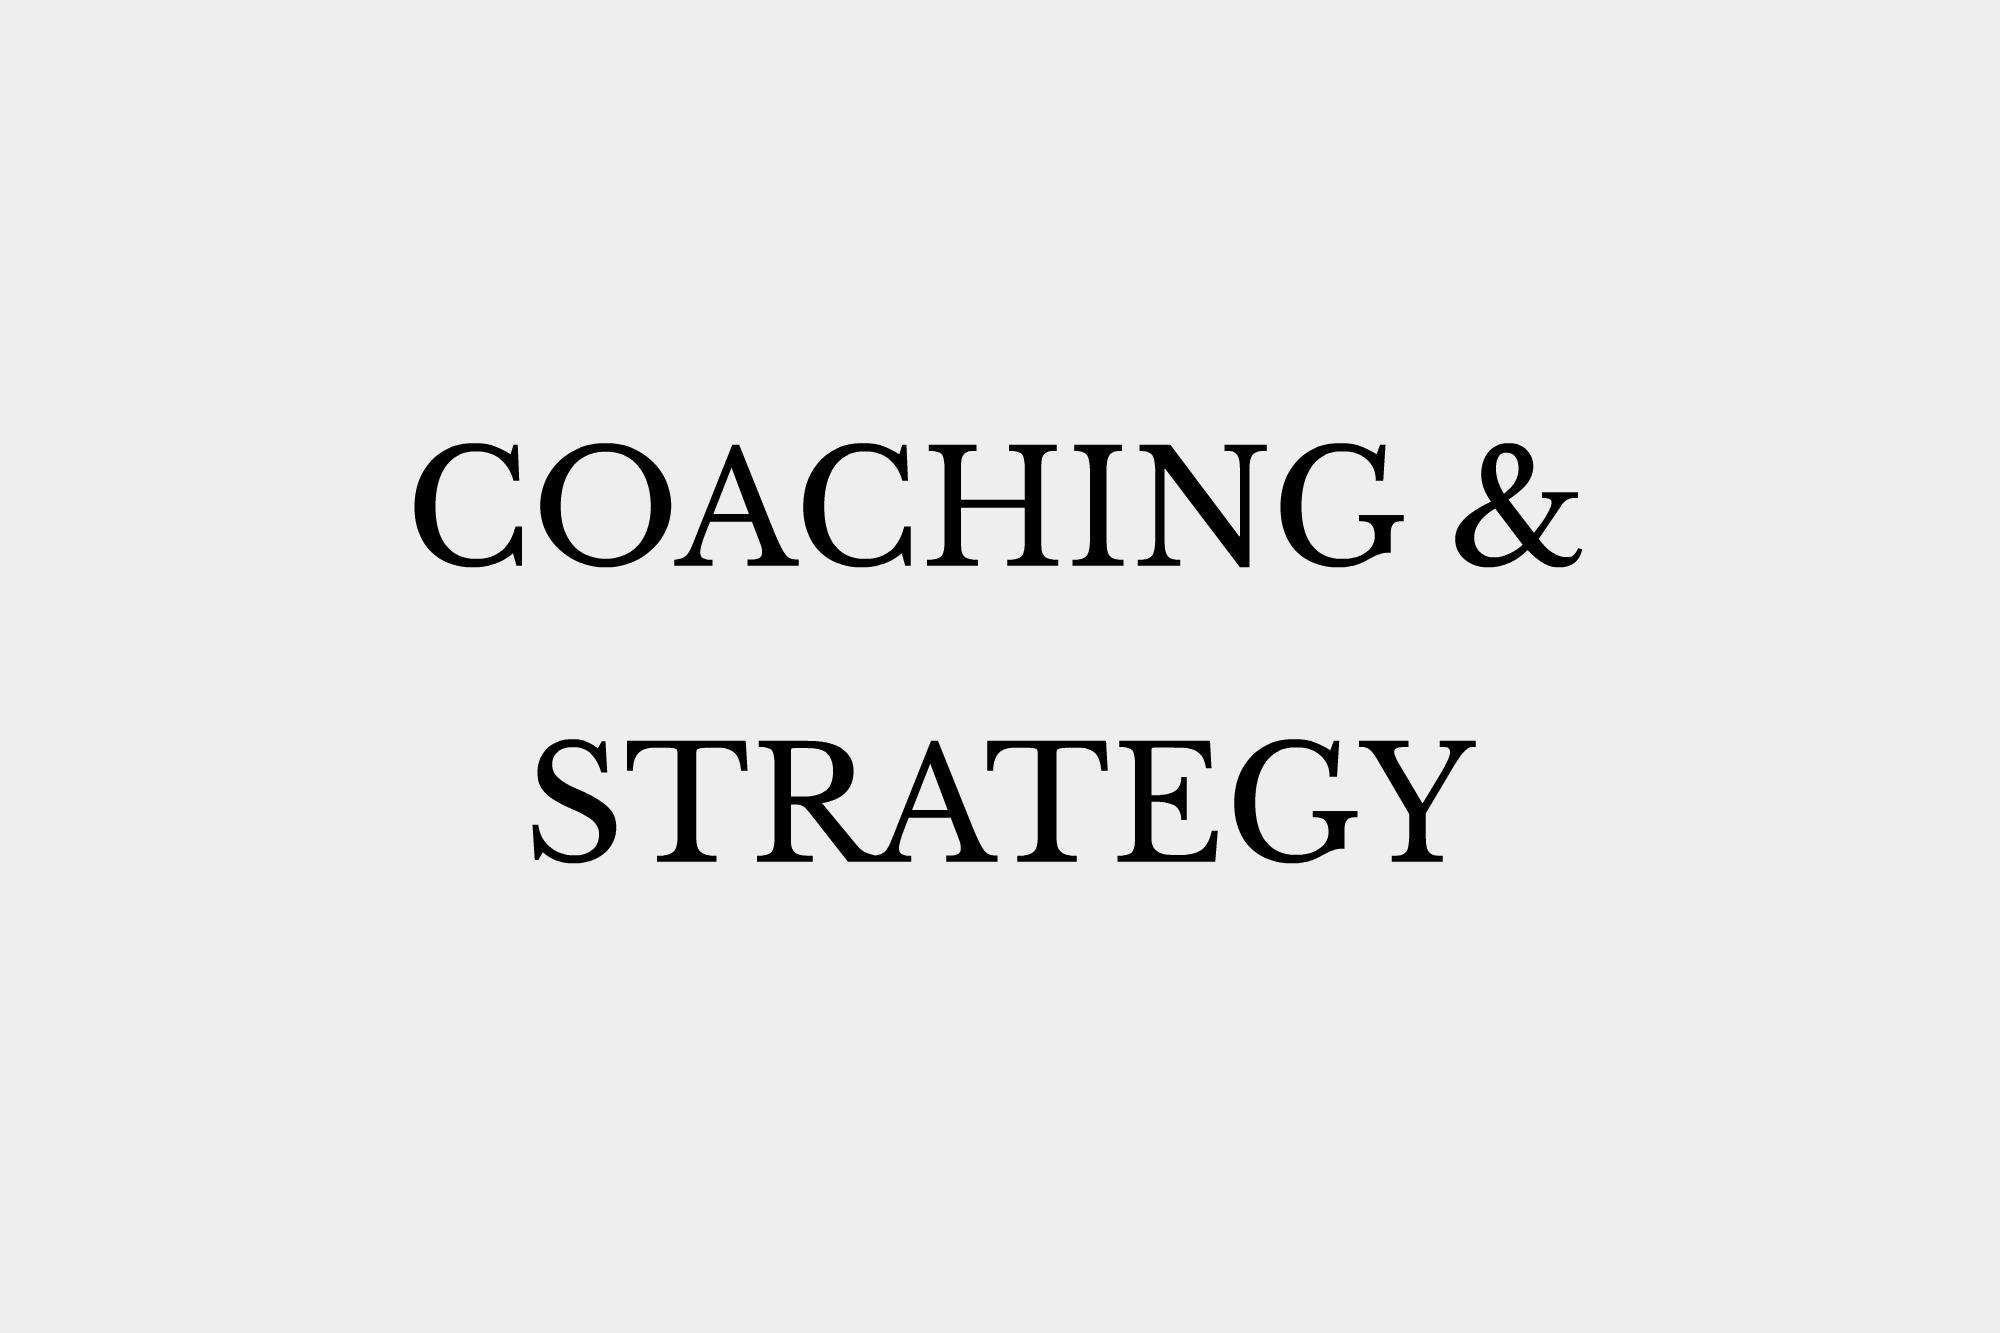 Coaching & Strategy